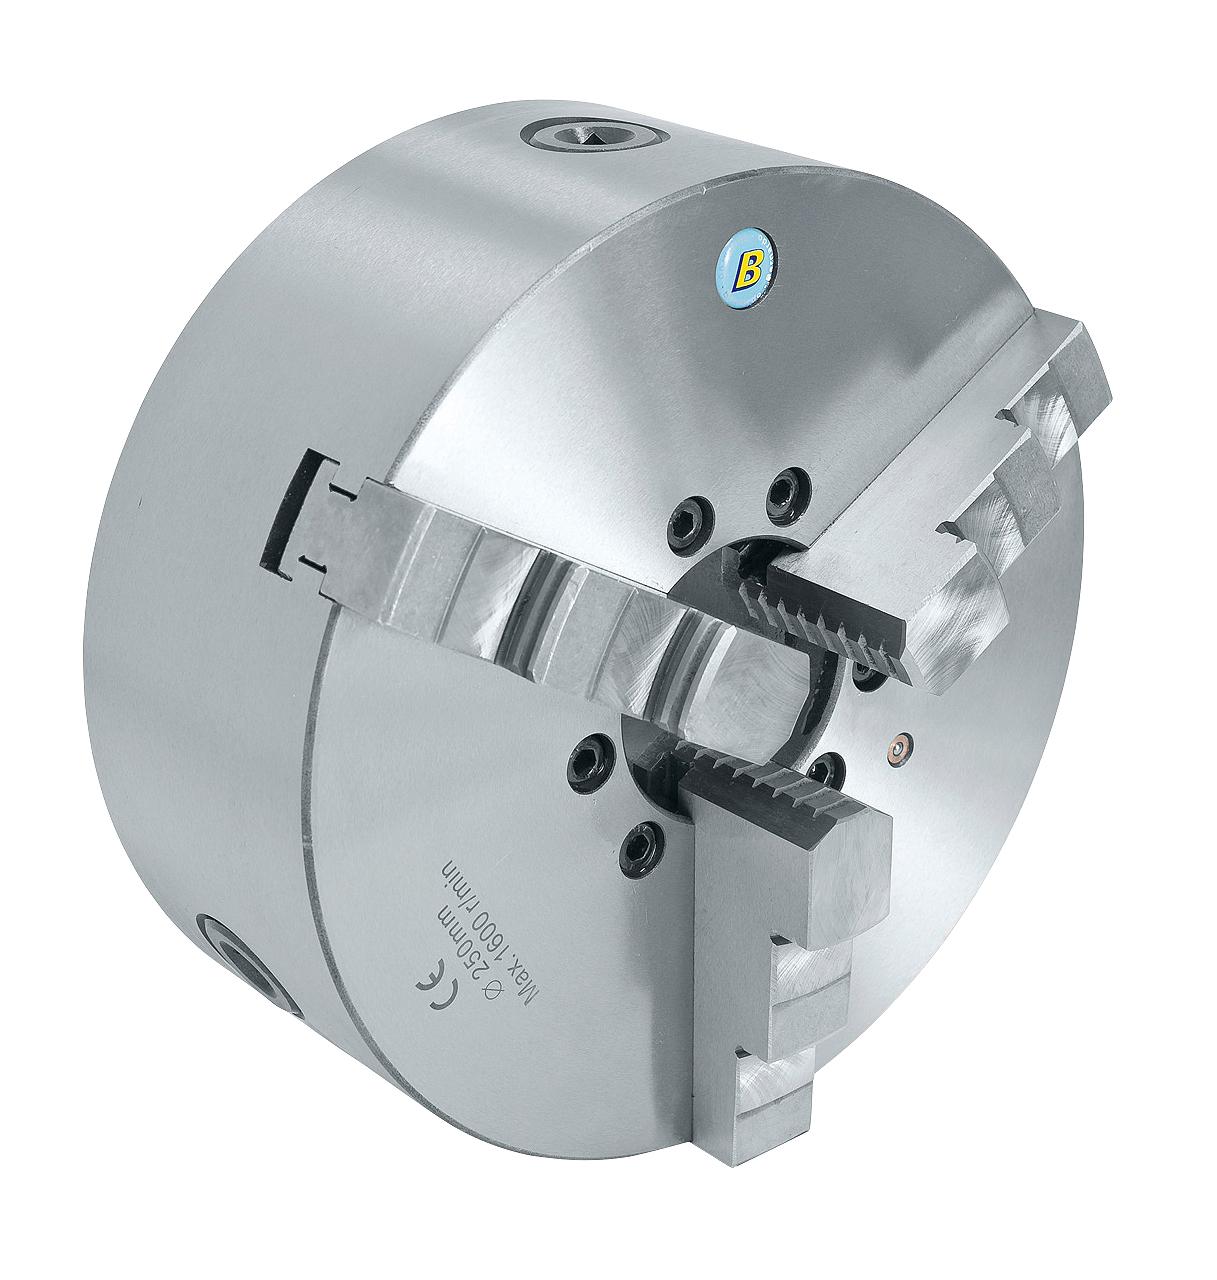 Uchwyt tokarski 3-szczękowy, precyzyjny, żeliwny, DK11-100 DIN 6350  BERNARDO